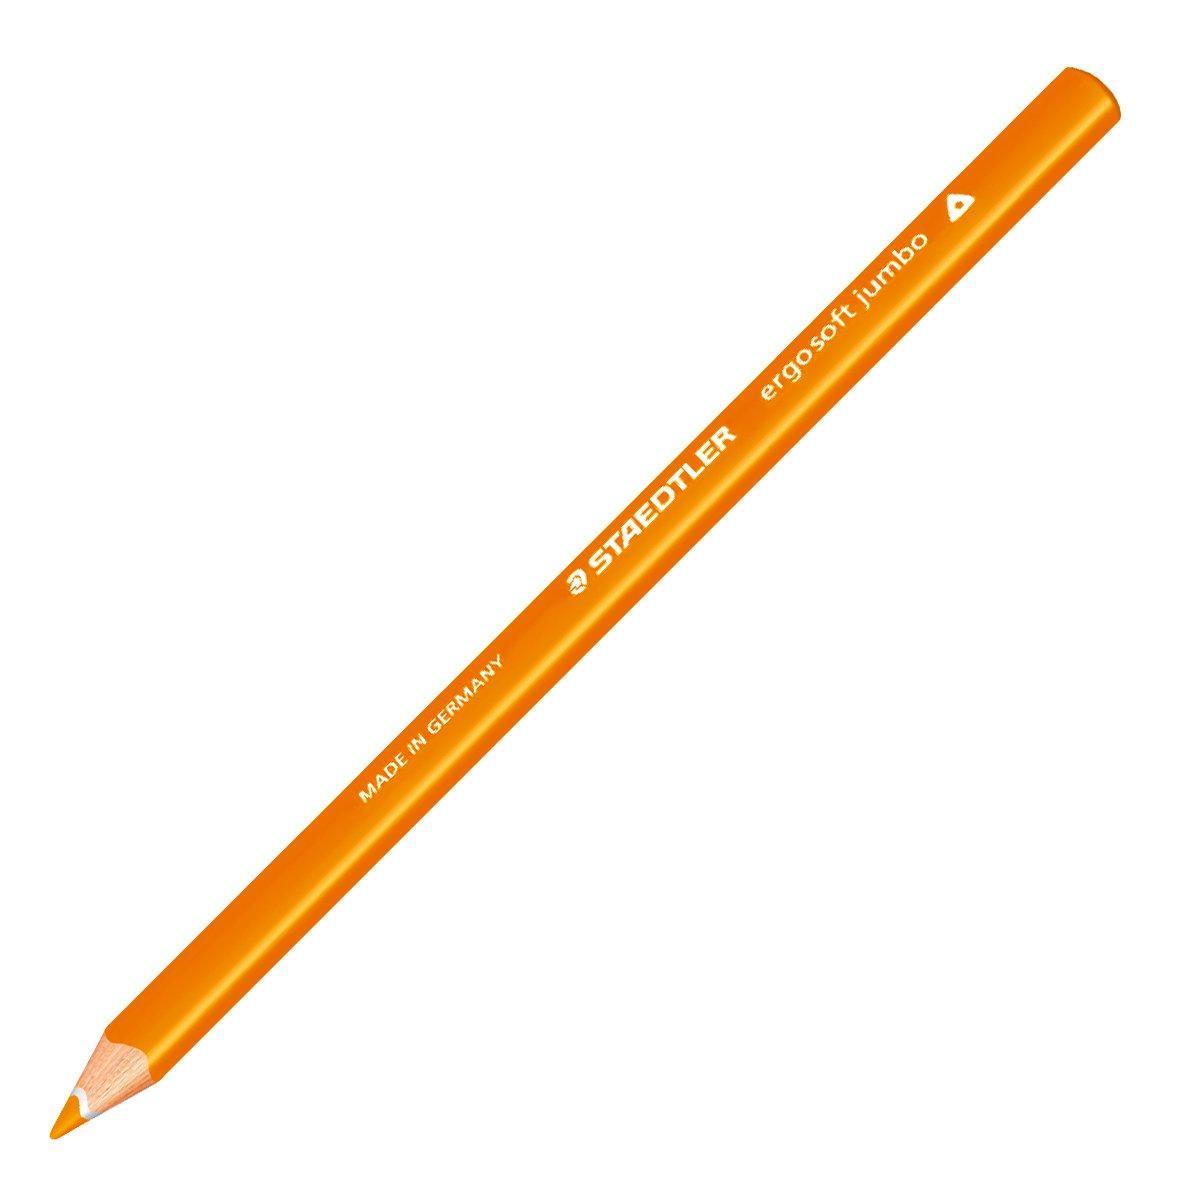 ステッドラー オレンジ B000KJP790 エルゴソフト鉛筆太軸 ブルー B000KJP790 オレンジ オレンジ オレンジ, チチブシ:848c3510 --- itxassou.fr